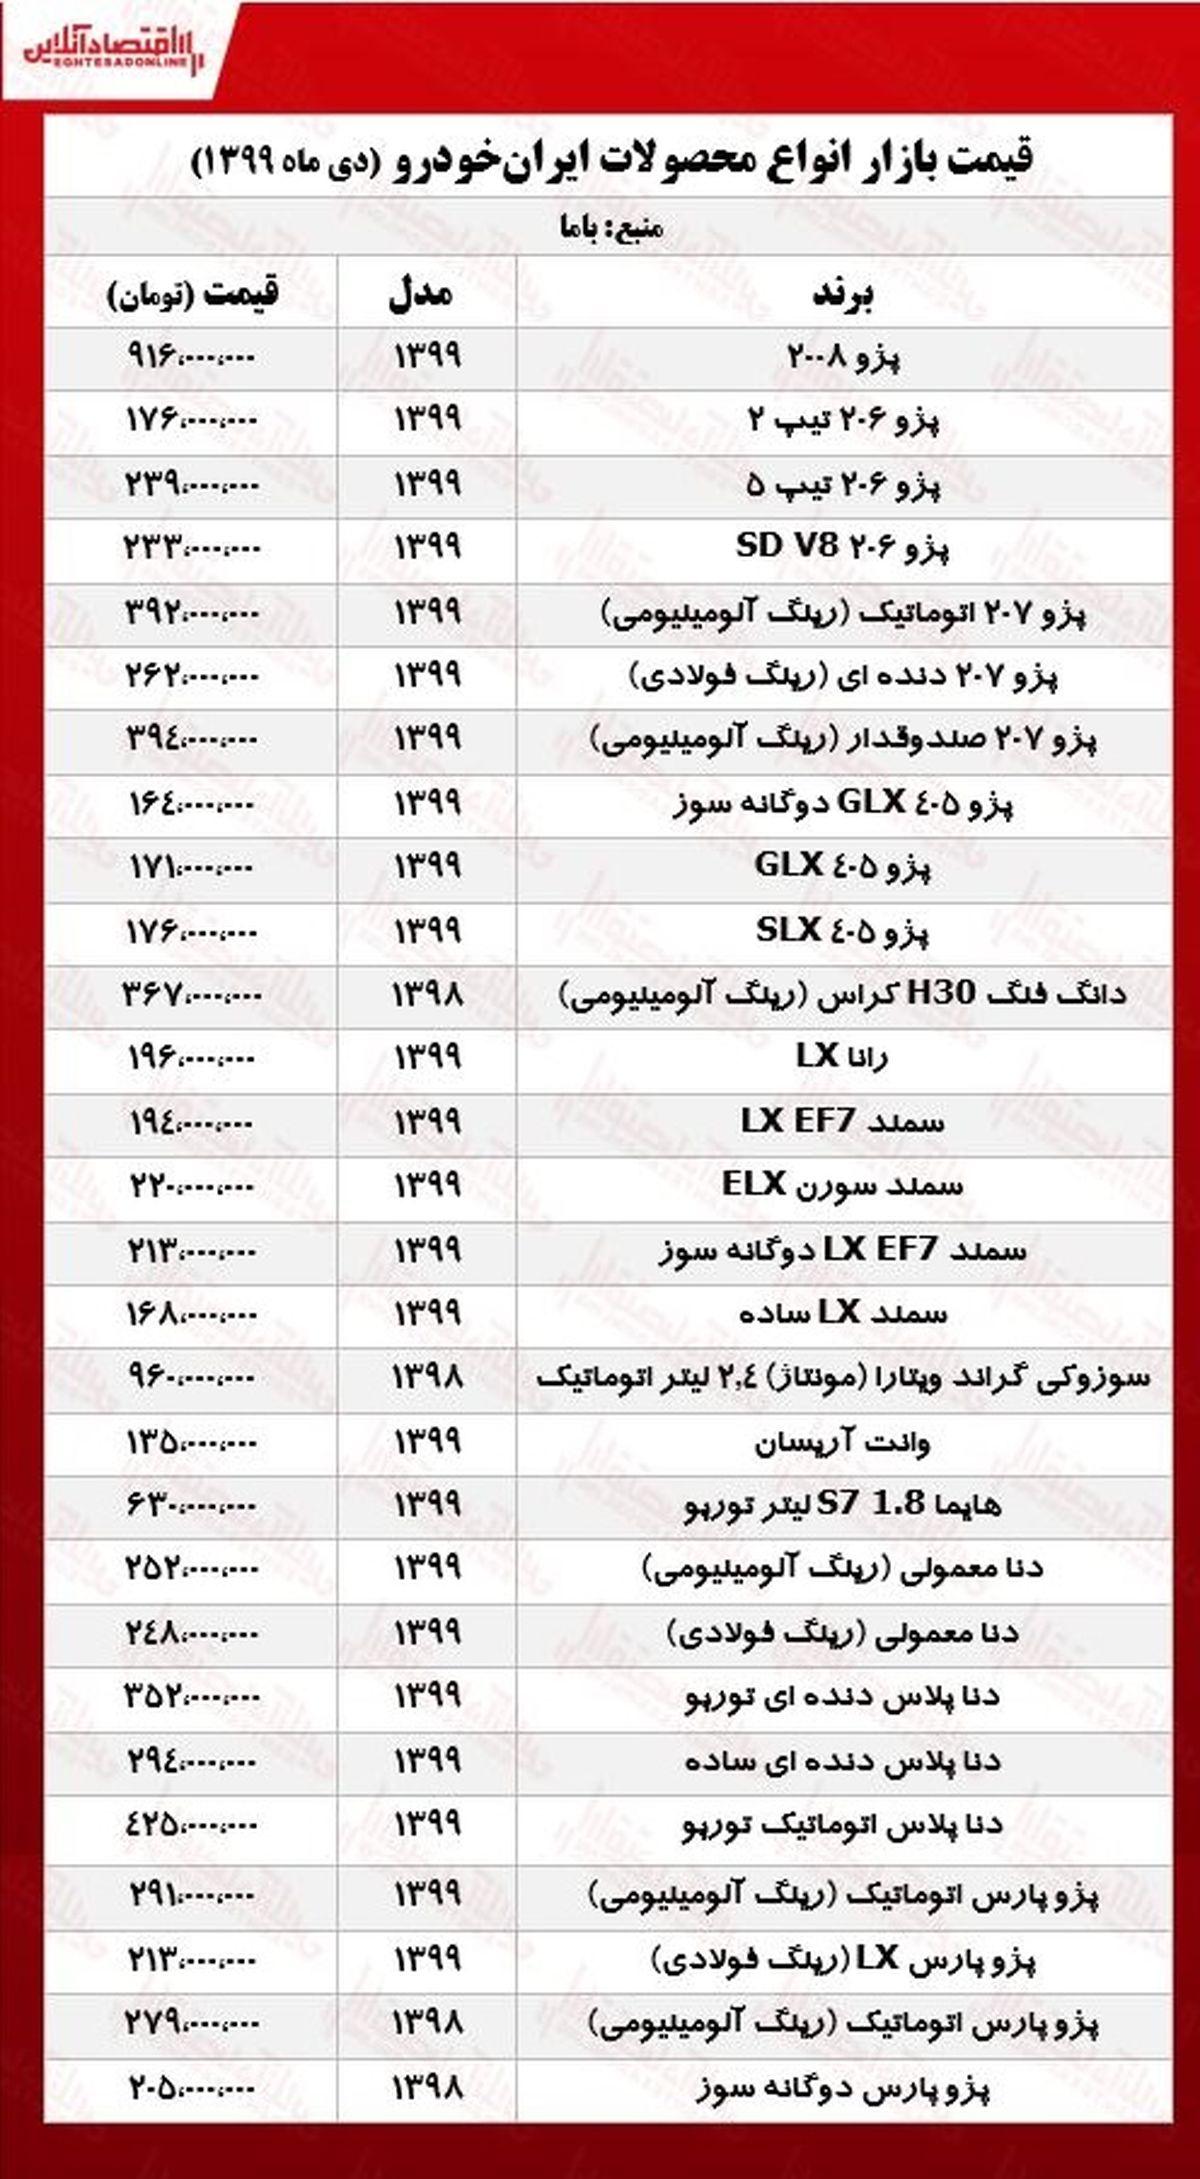 قیمت محصولات ایران خودرو امروز ۹۹/۱۰/۲